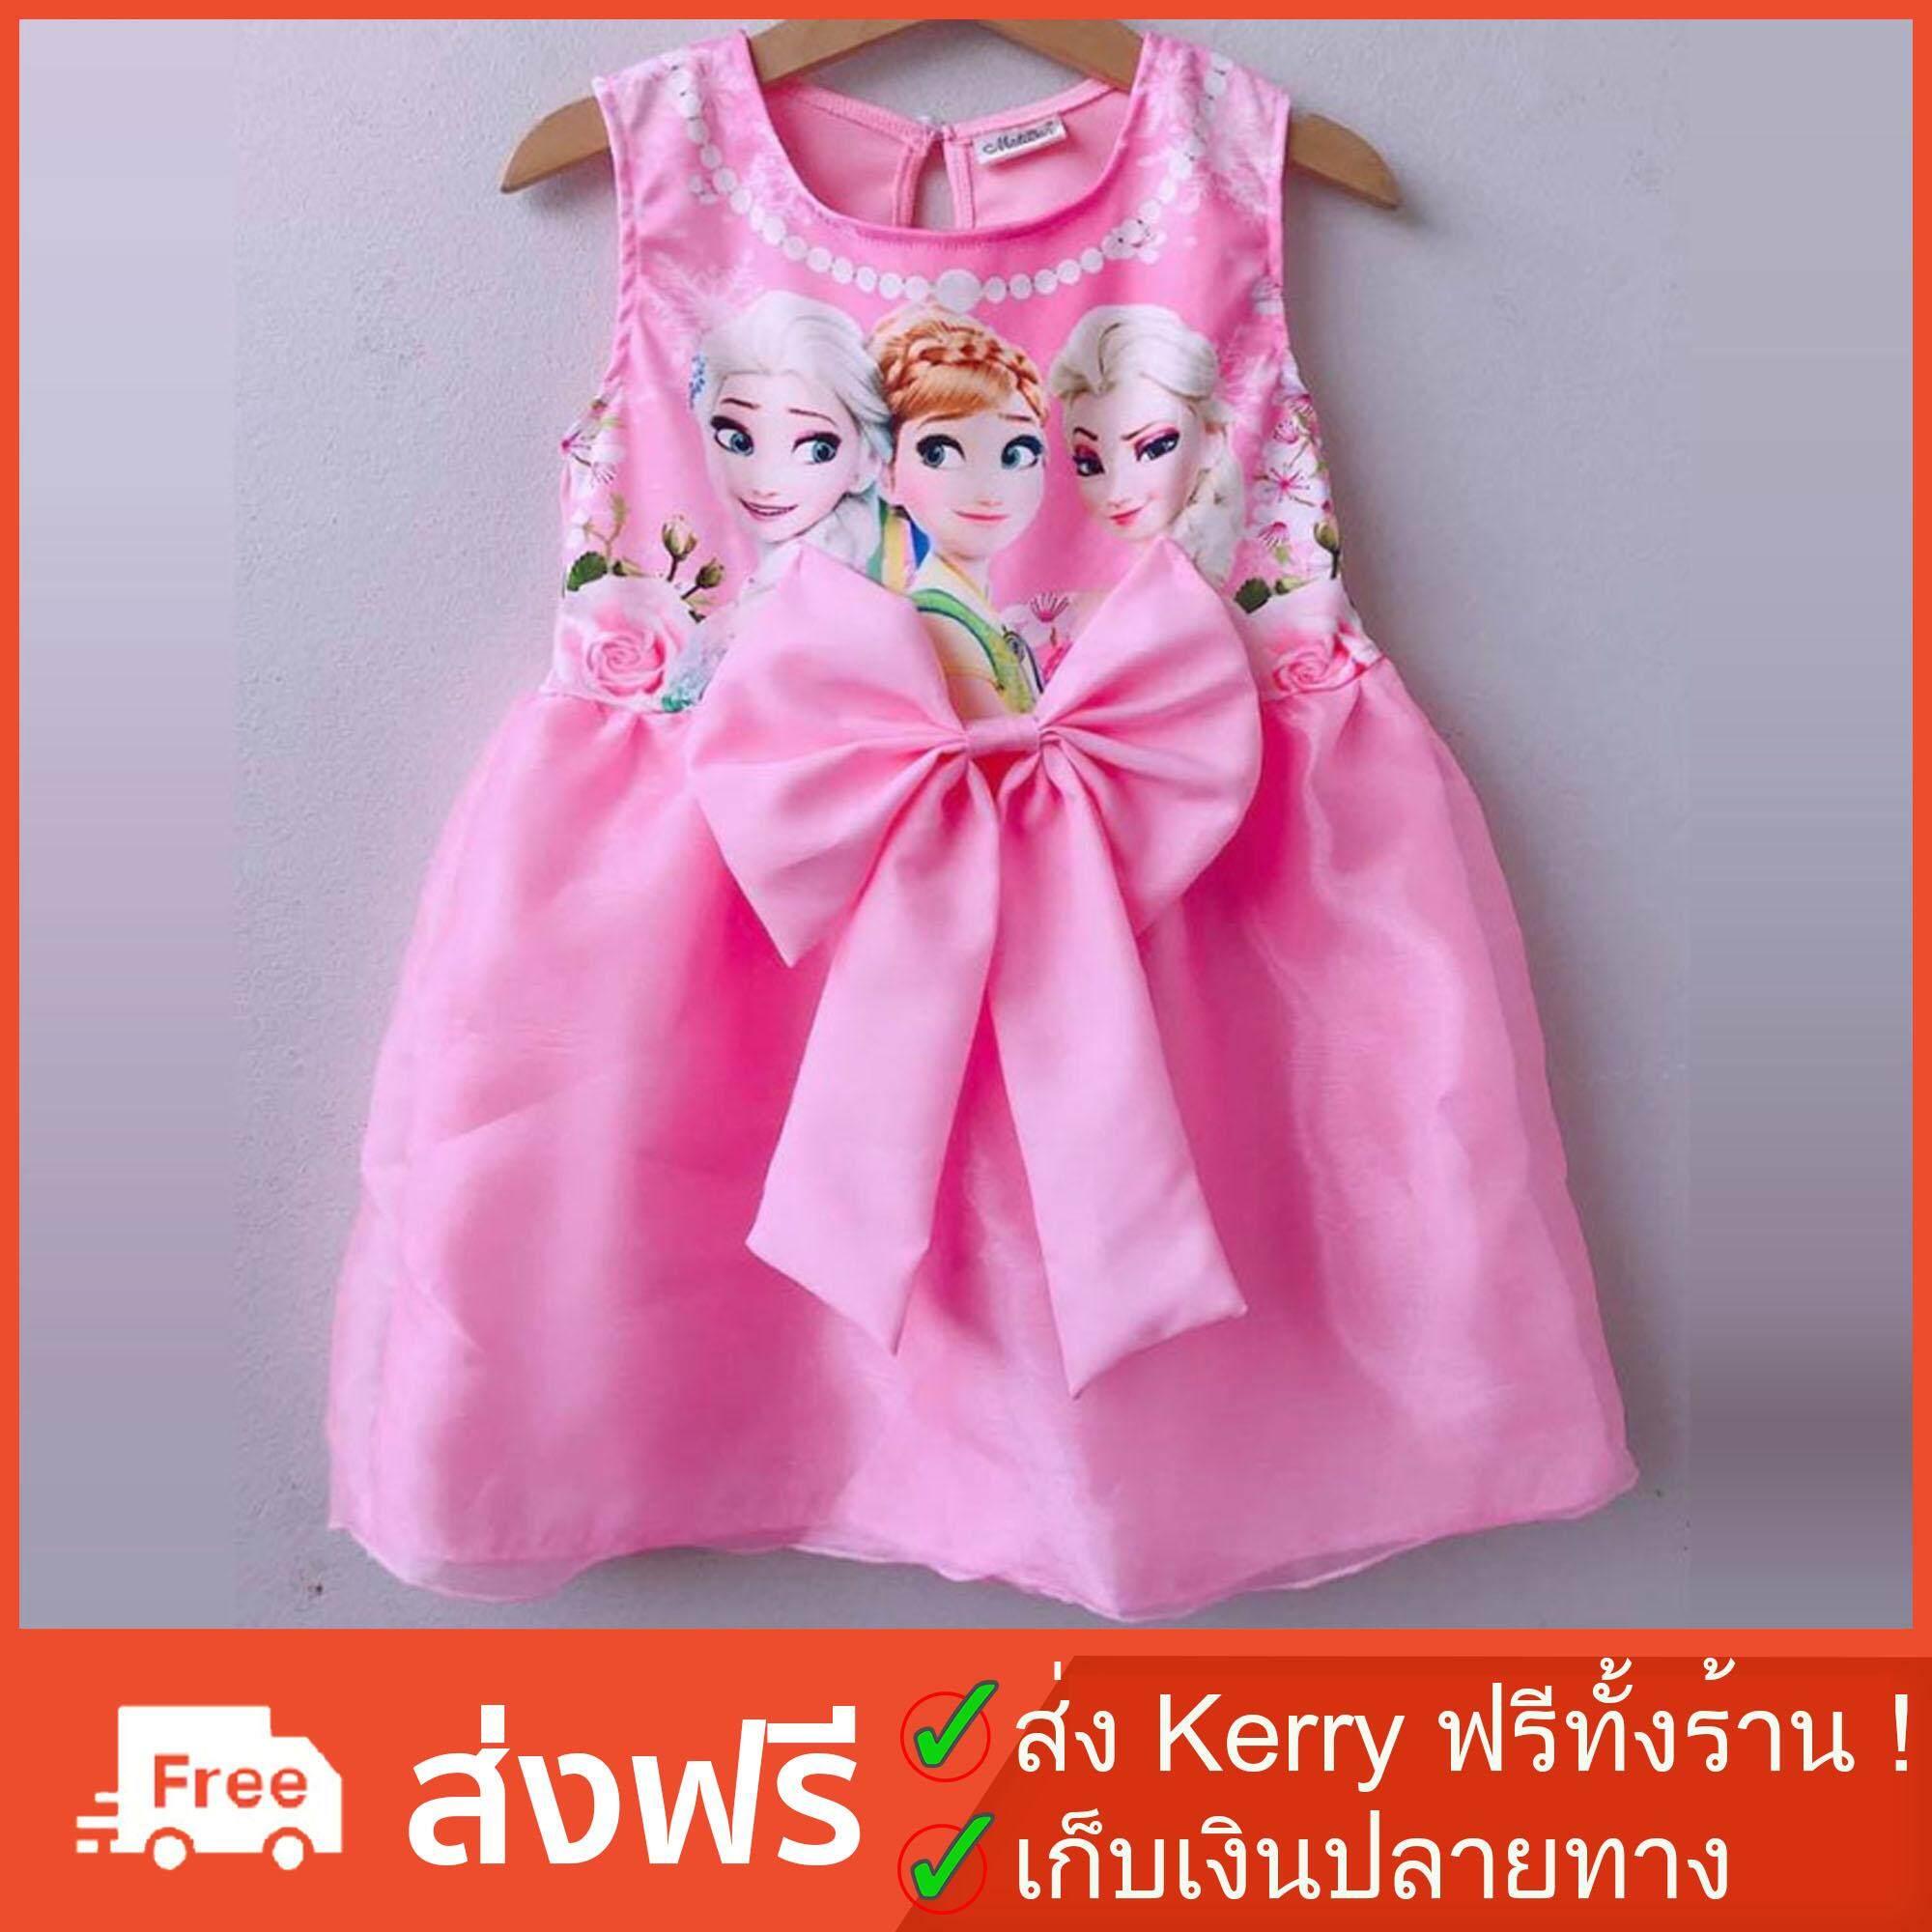 เก็บเงินปลายทางได้ ส่ง Kerry ฟรีทั้งร้าน !! ชุดเด็กผู้หญิง ชุดเจ้าหญิง เดรสเอลซ่ากระโปรงผ้าแก้ว ติดโบว์หน้า #ของมันต้องมีค่ะคุณแม่